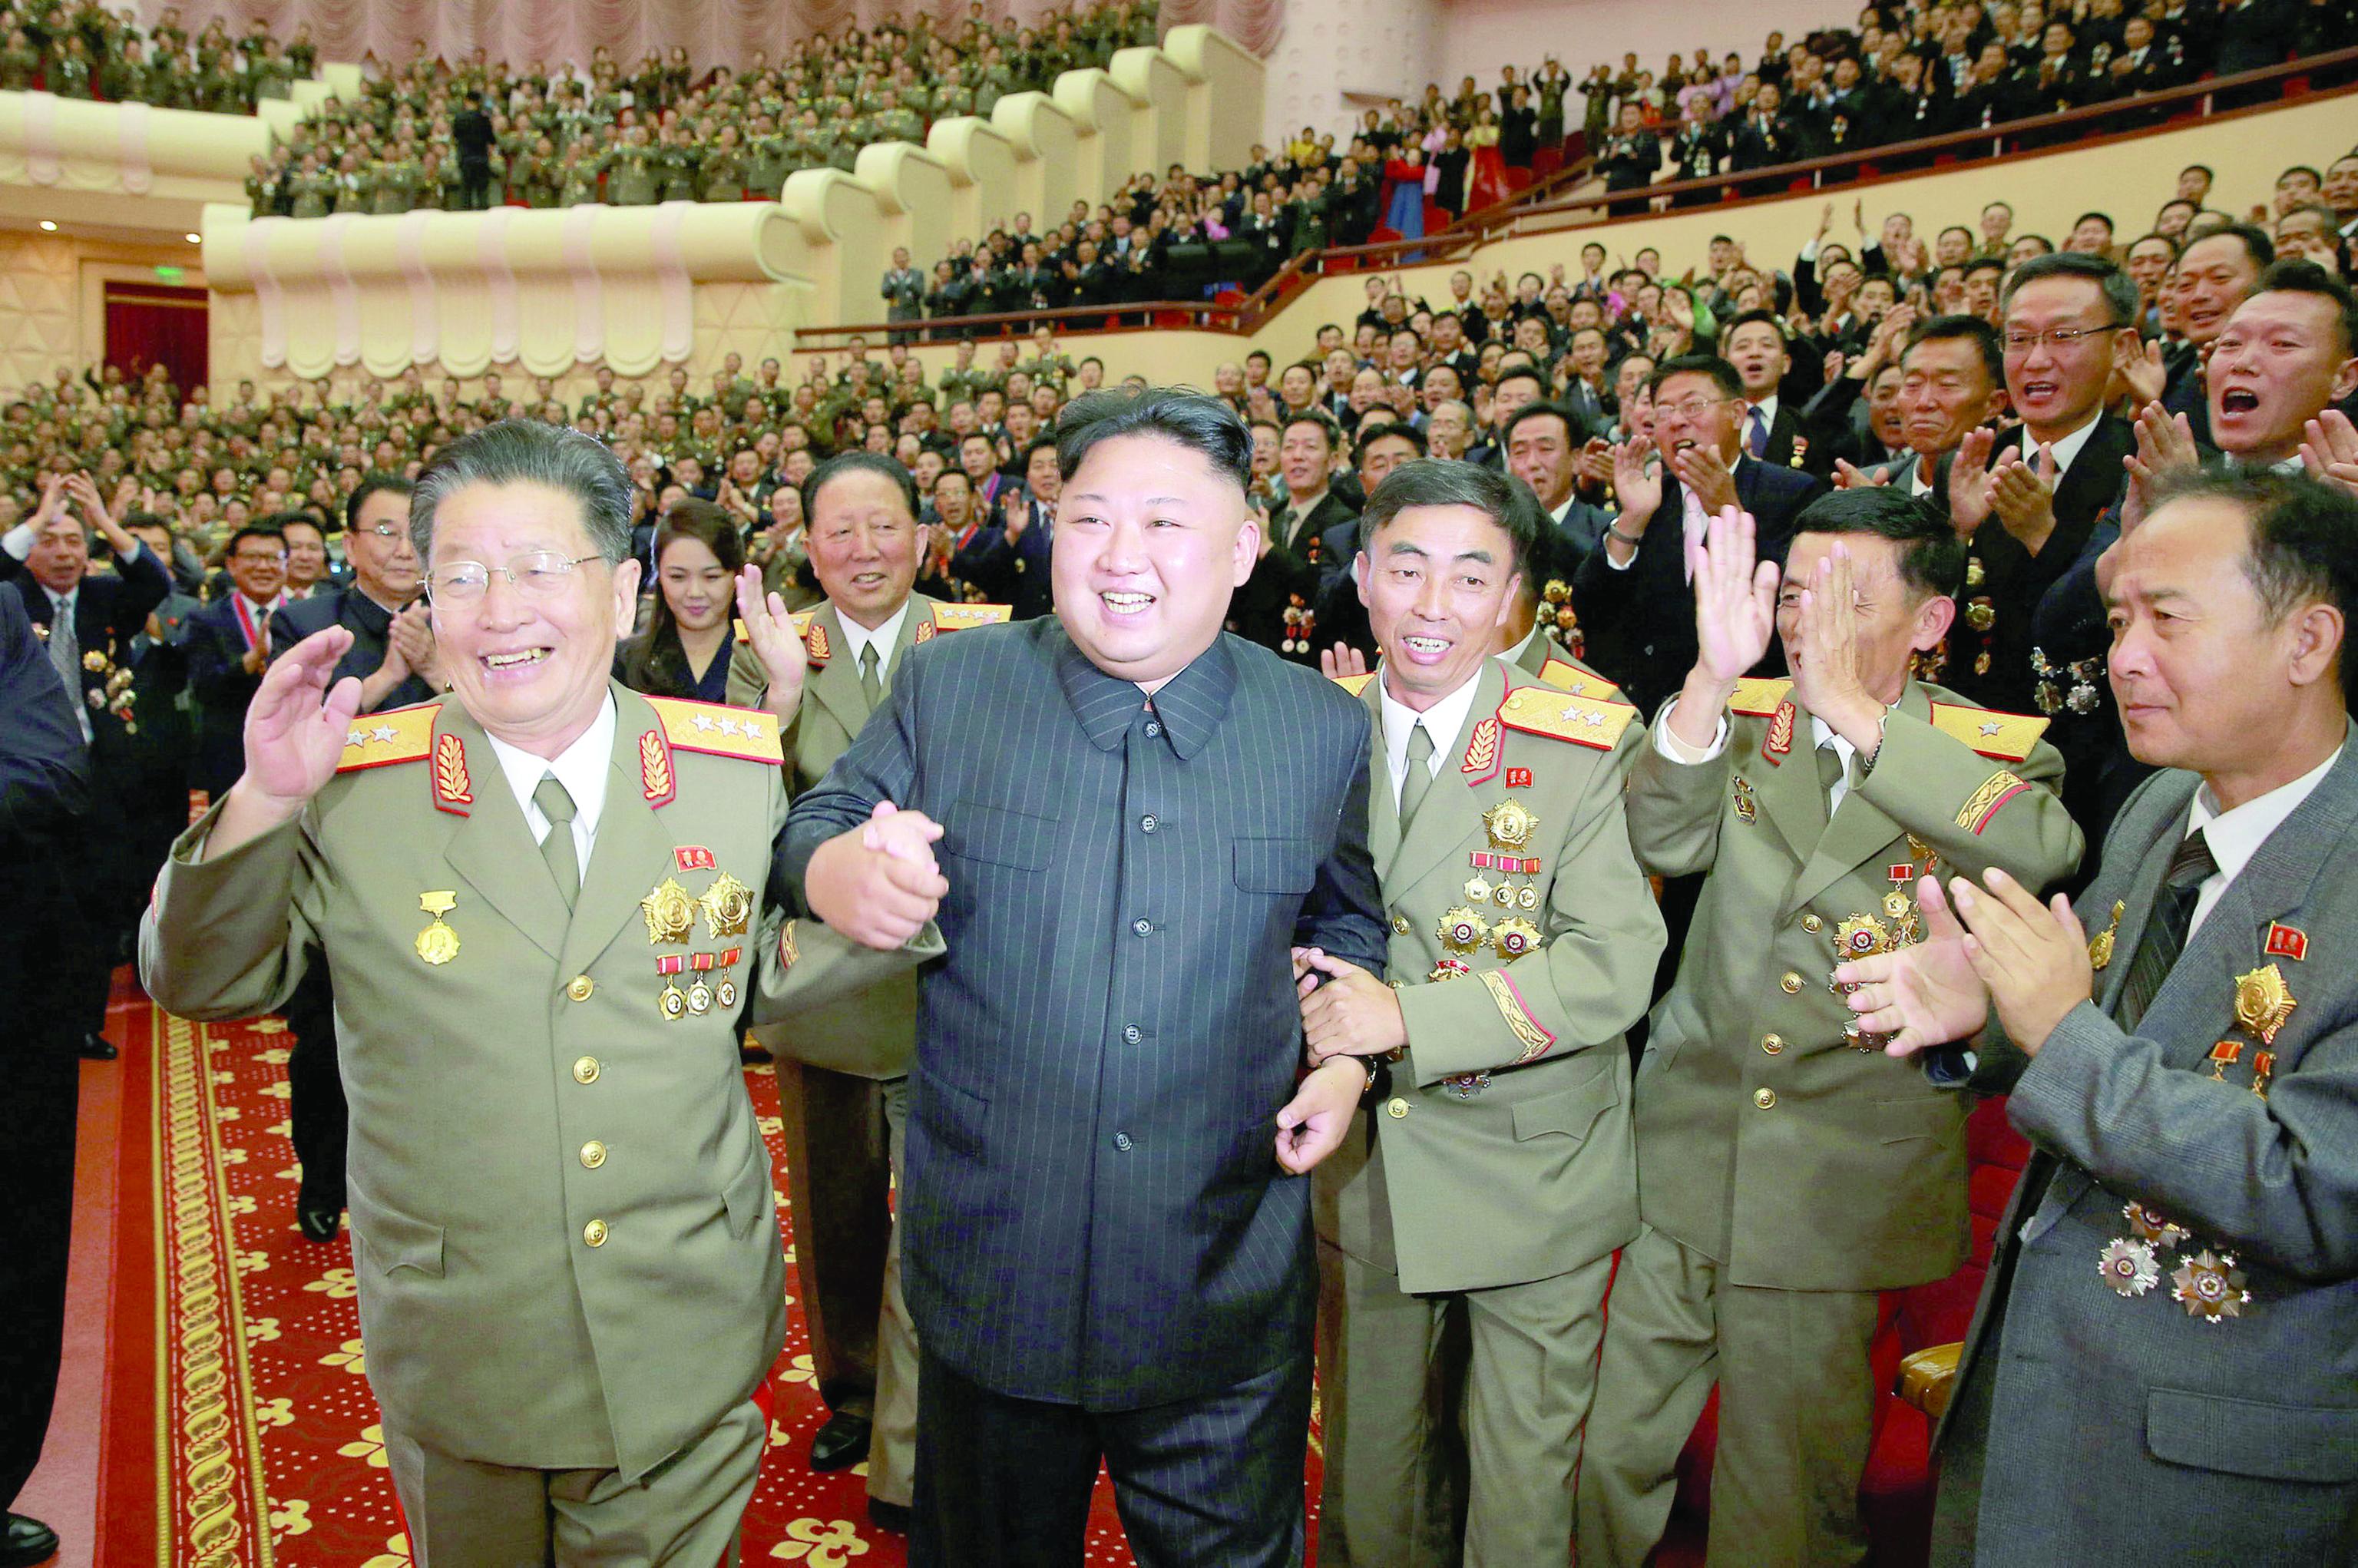 وسط تصاعد مؤشرات المواجهة مع الولايات المتحدةرسالة تصعيد جديدة من كوريا الشمالية